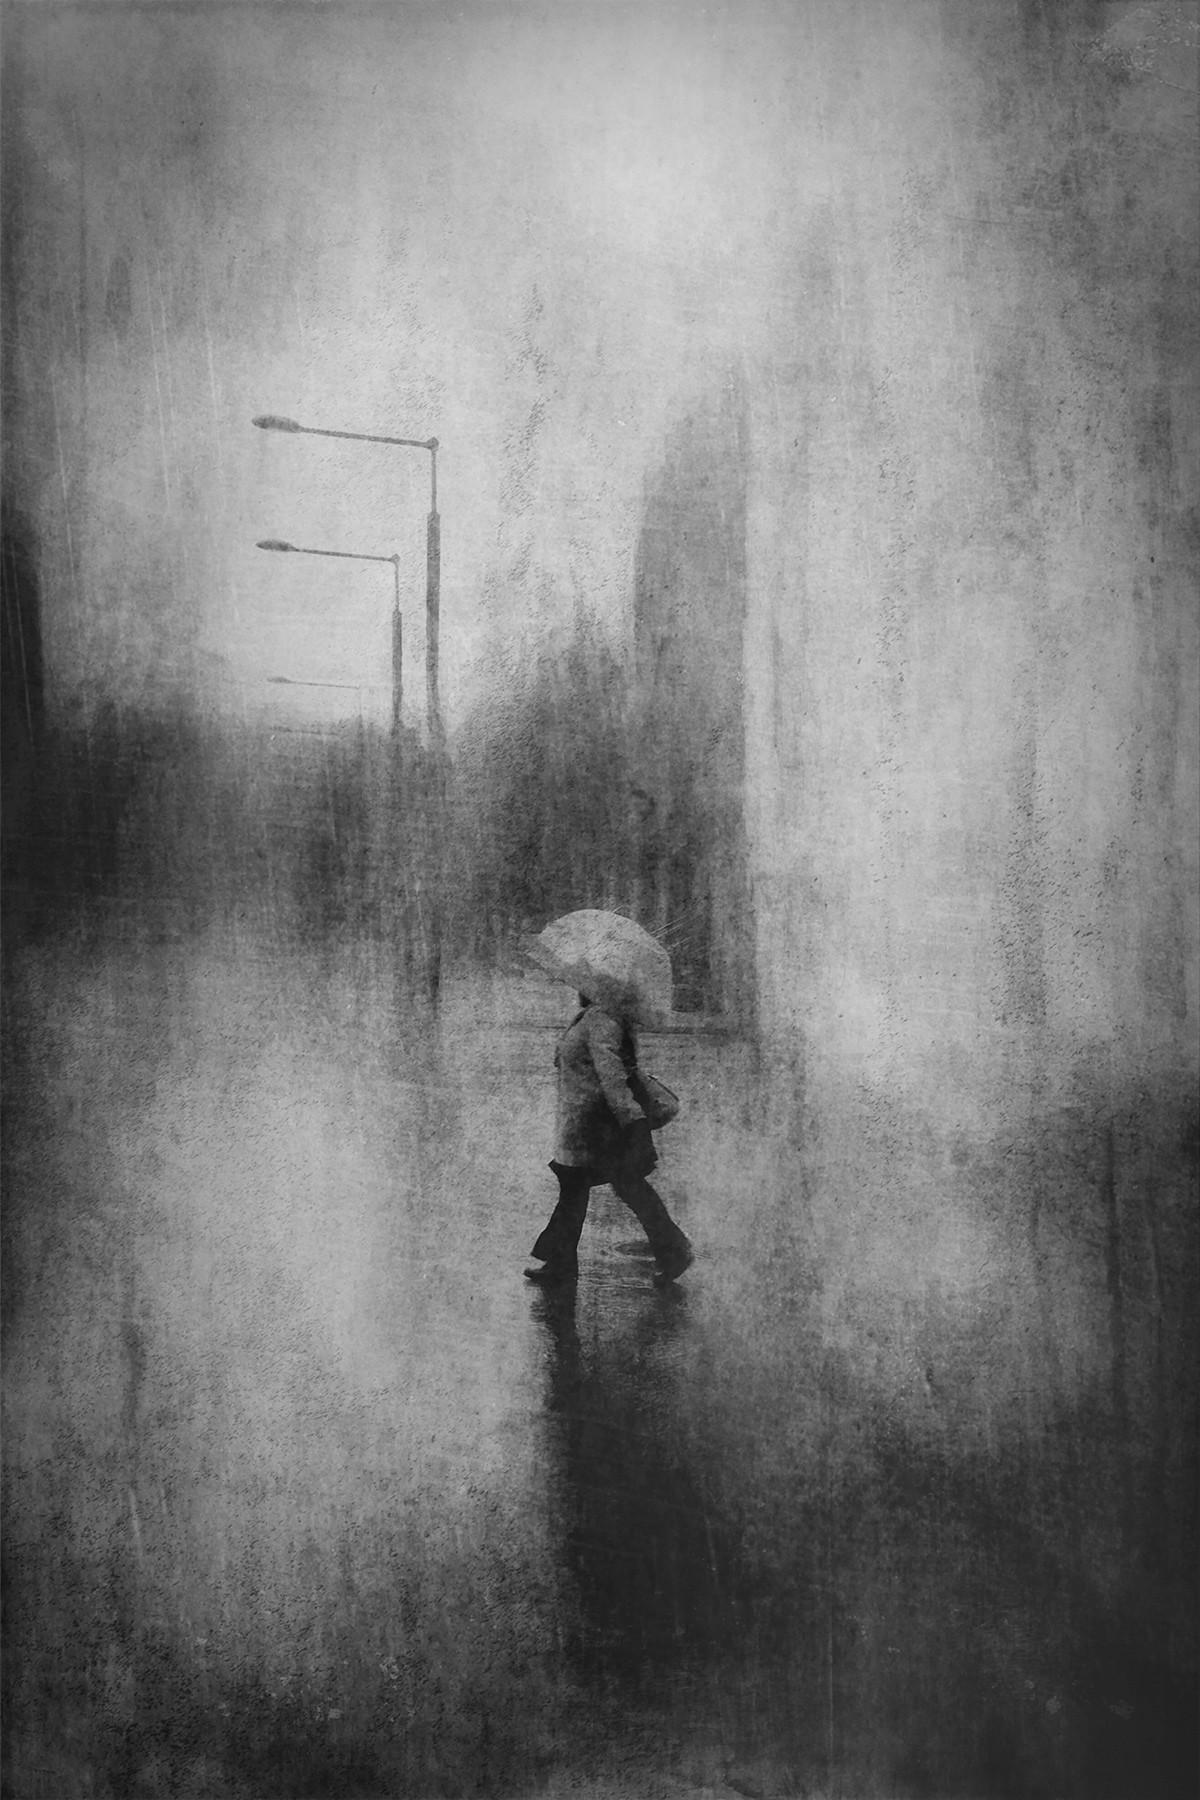 Понедельник. Автор Даниэль Кастонгуэй